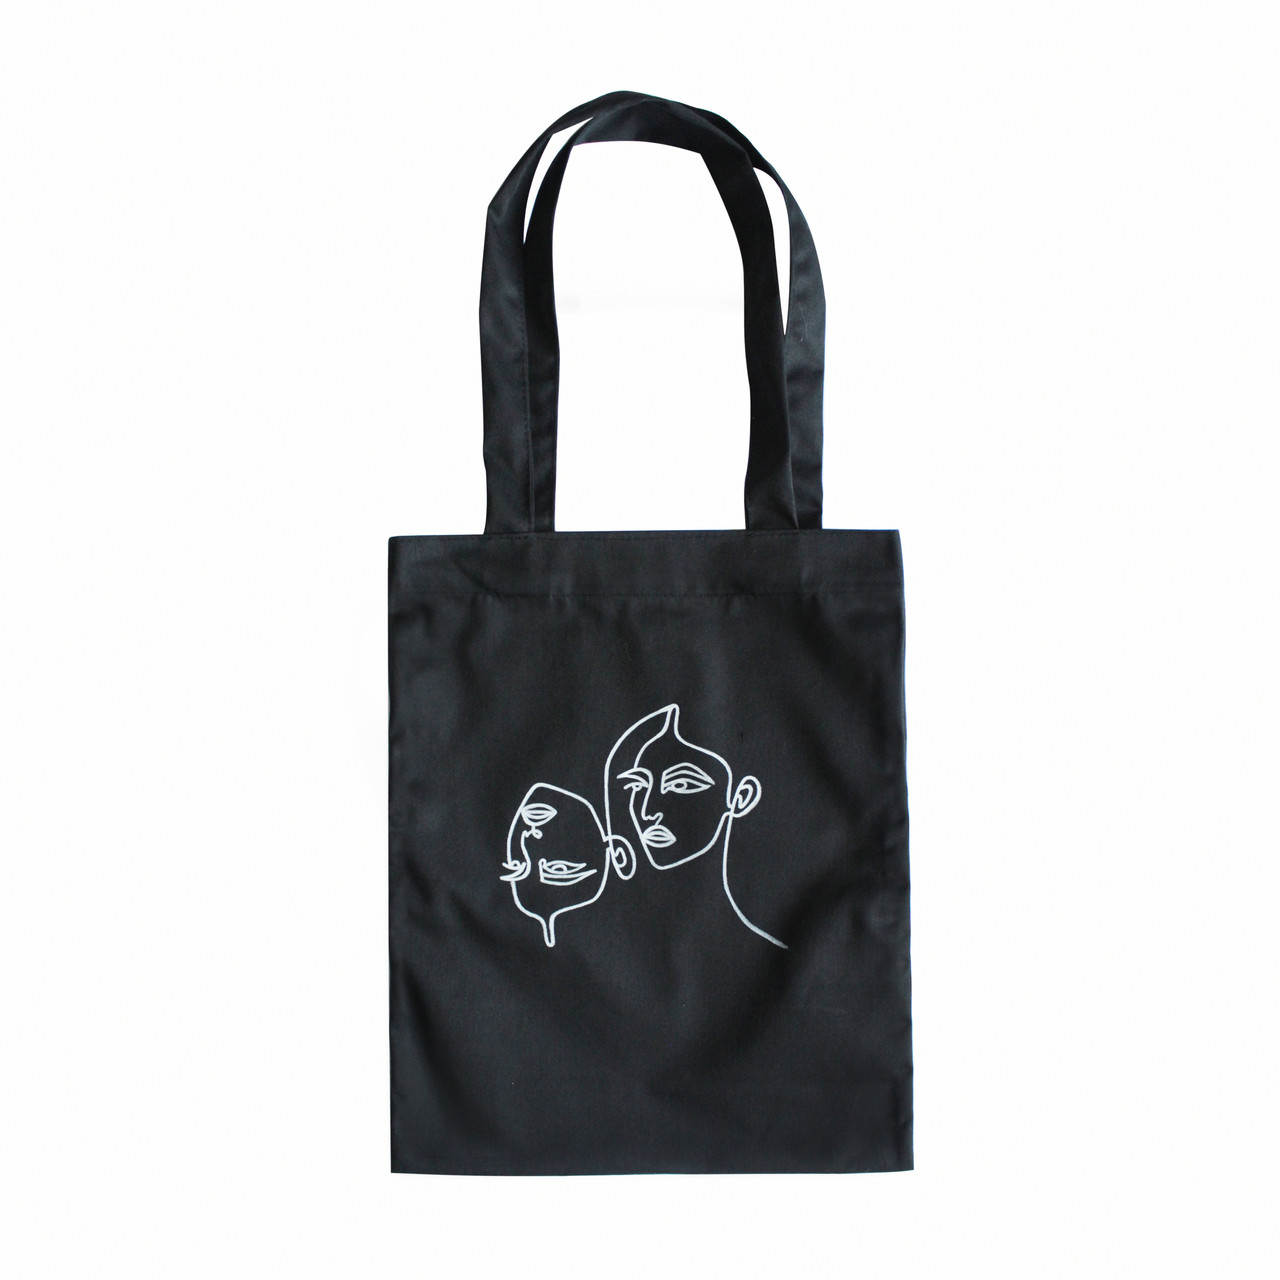 """Черная сумка для покупок """"эко-шоппер"""" ручной работы с принтом """"Mask Off"""", саржа"""